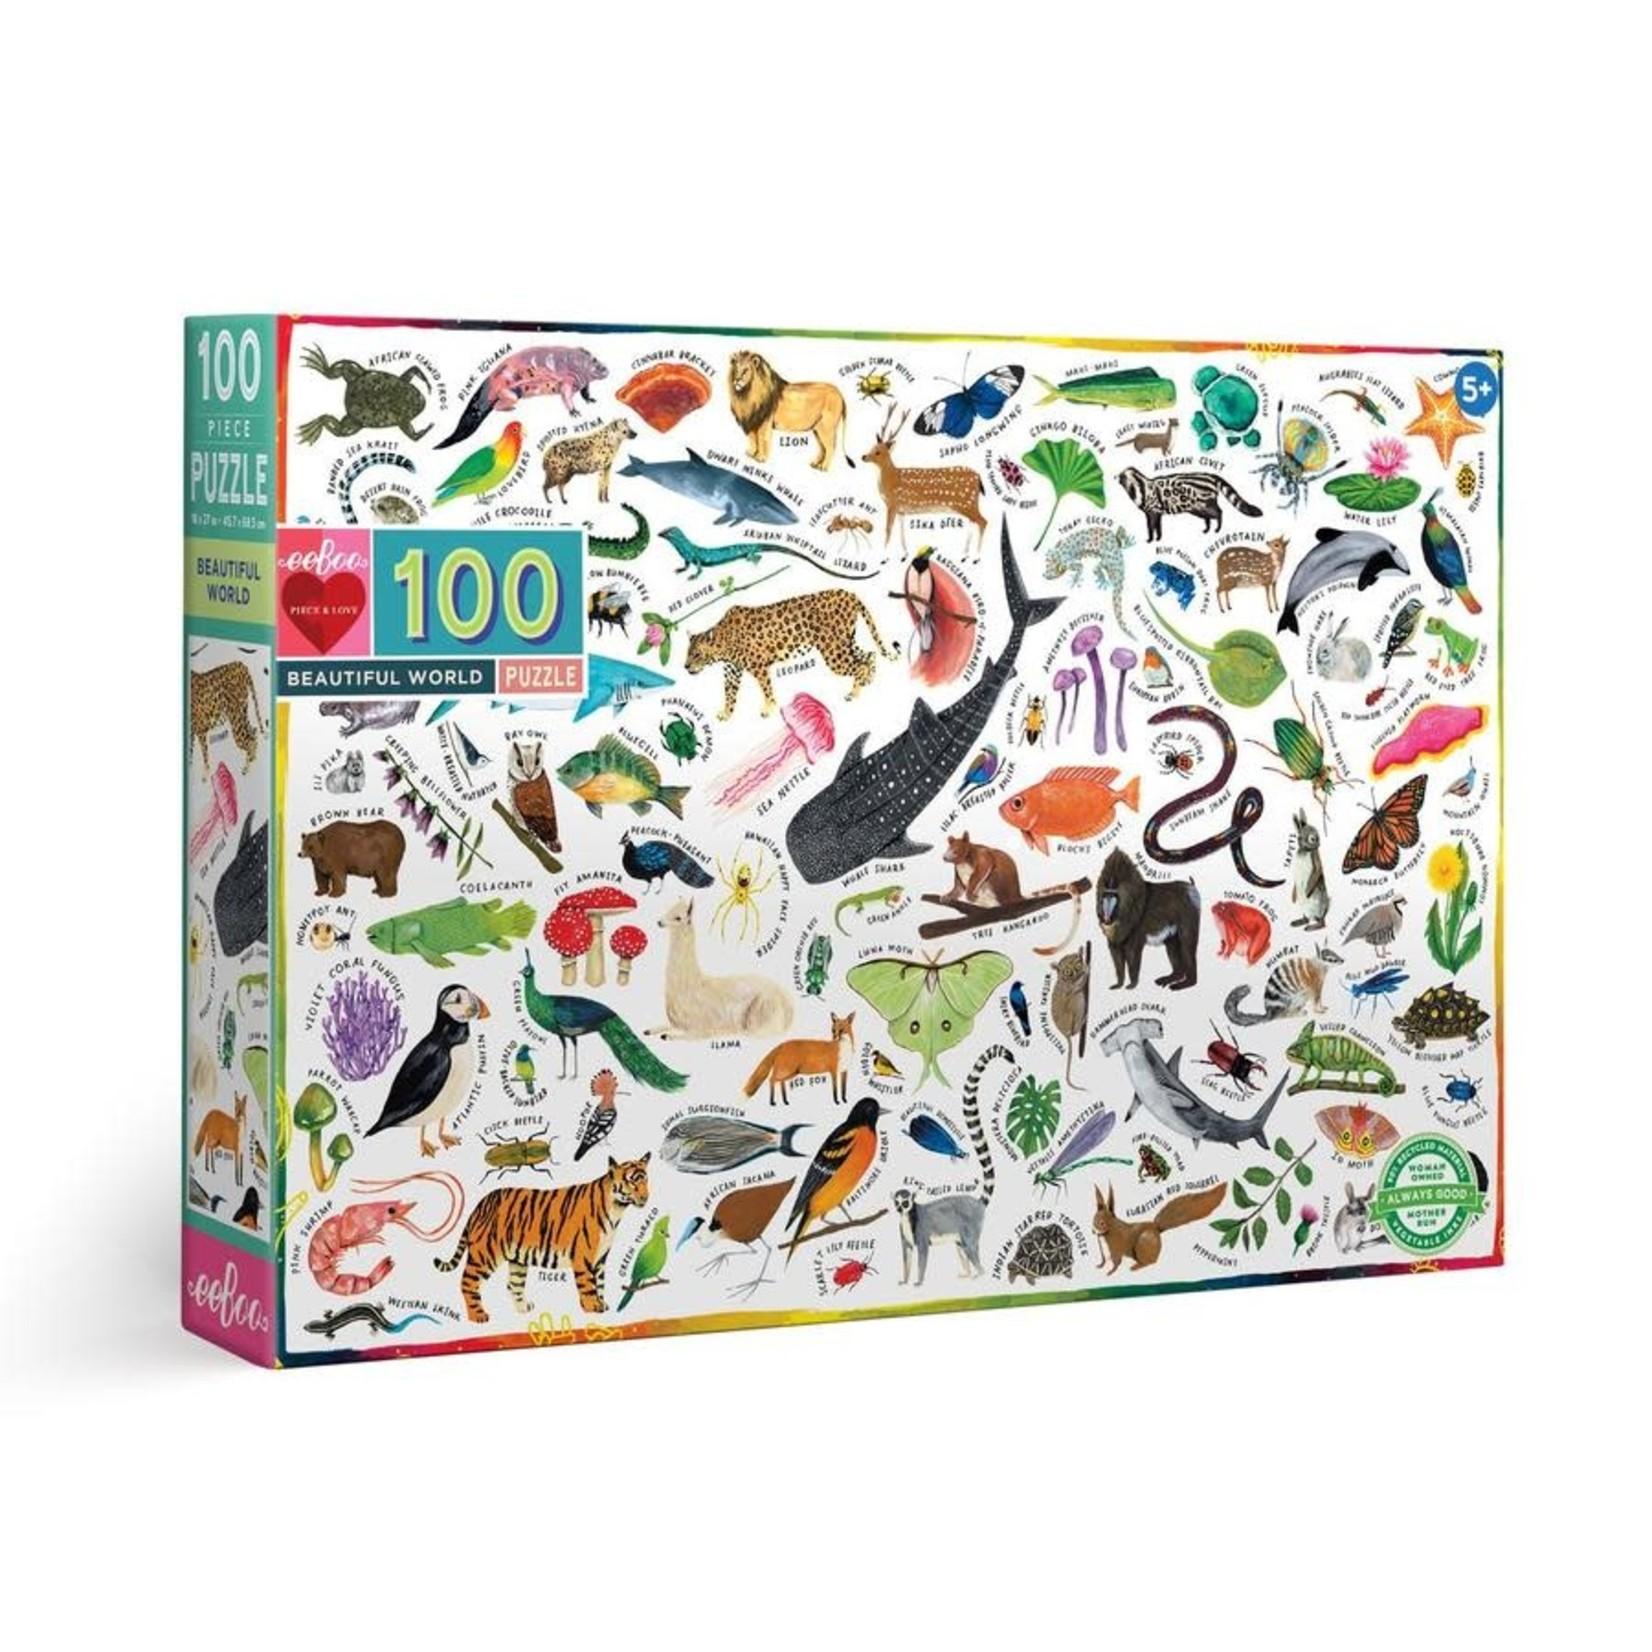 eeBoo eeBoo Puzzle: Beautiful World 100 pc